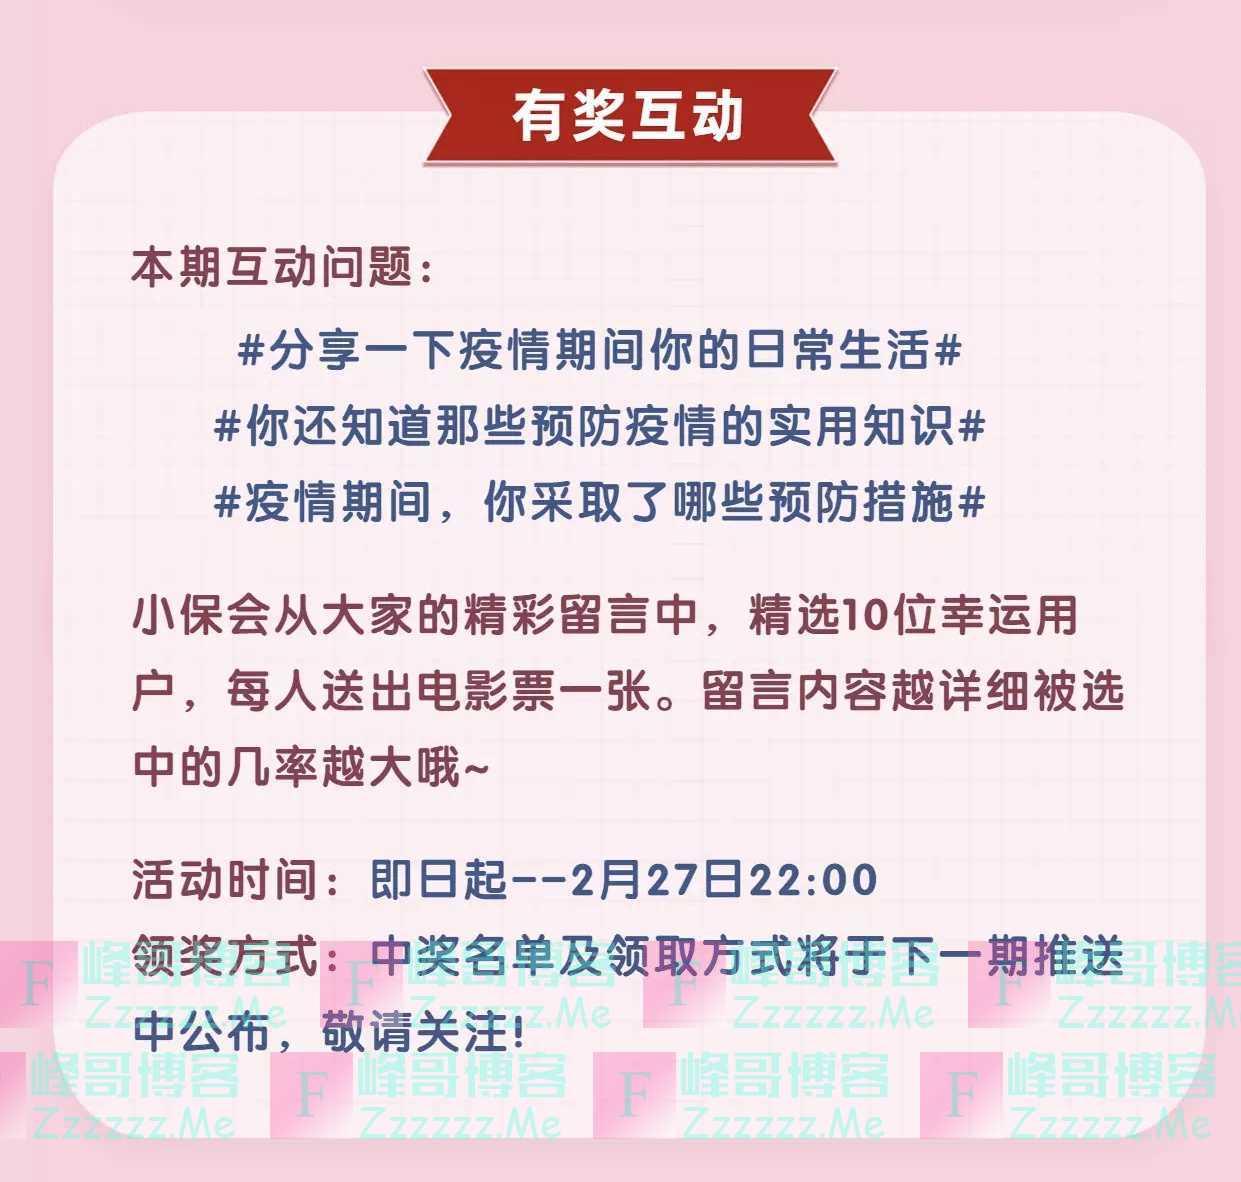 太平洋产险深圳分公司有奖互动(2月27日截止)